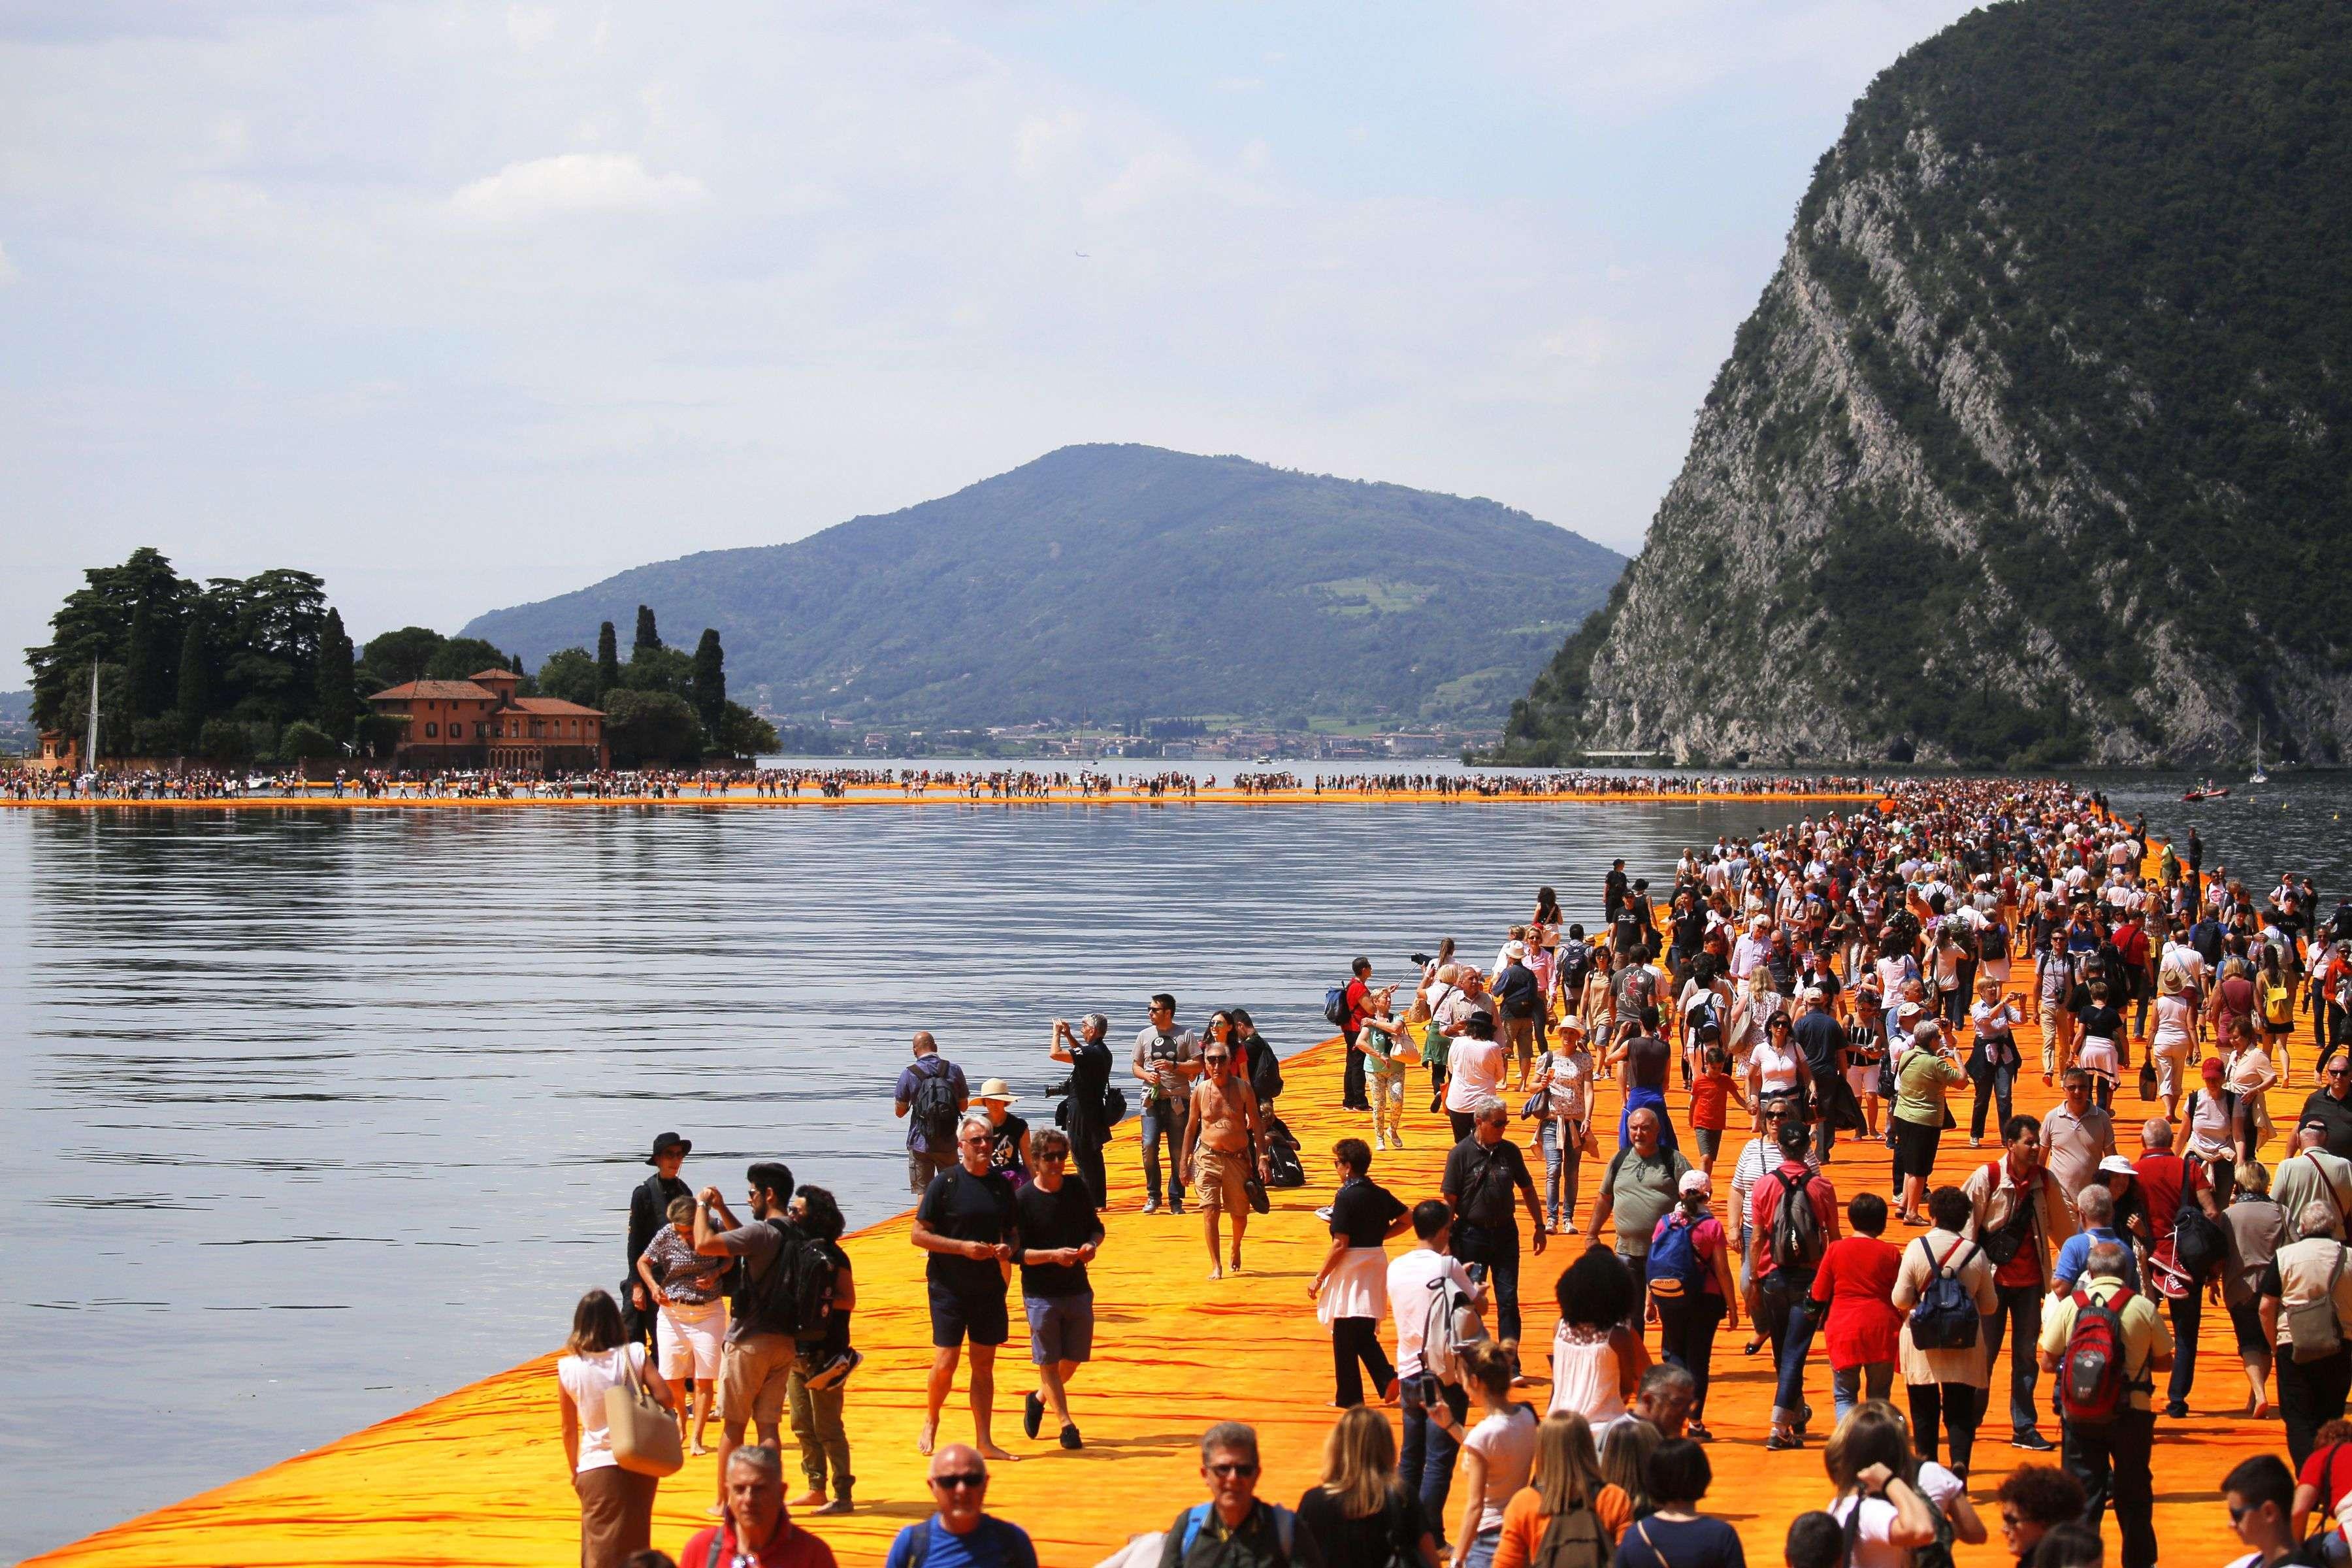 Selon des estimations de presse, plus de 55 000 personnes sont venues « marcher sur l'eau», provoquant la saturation du site.